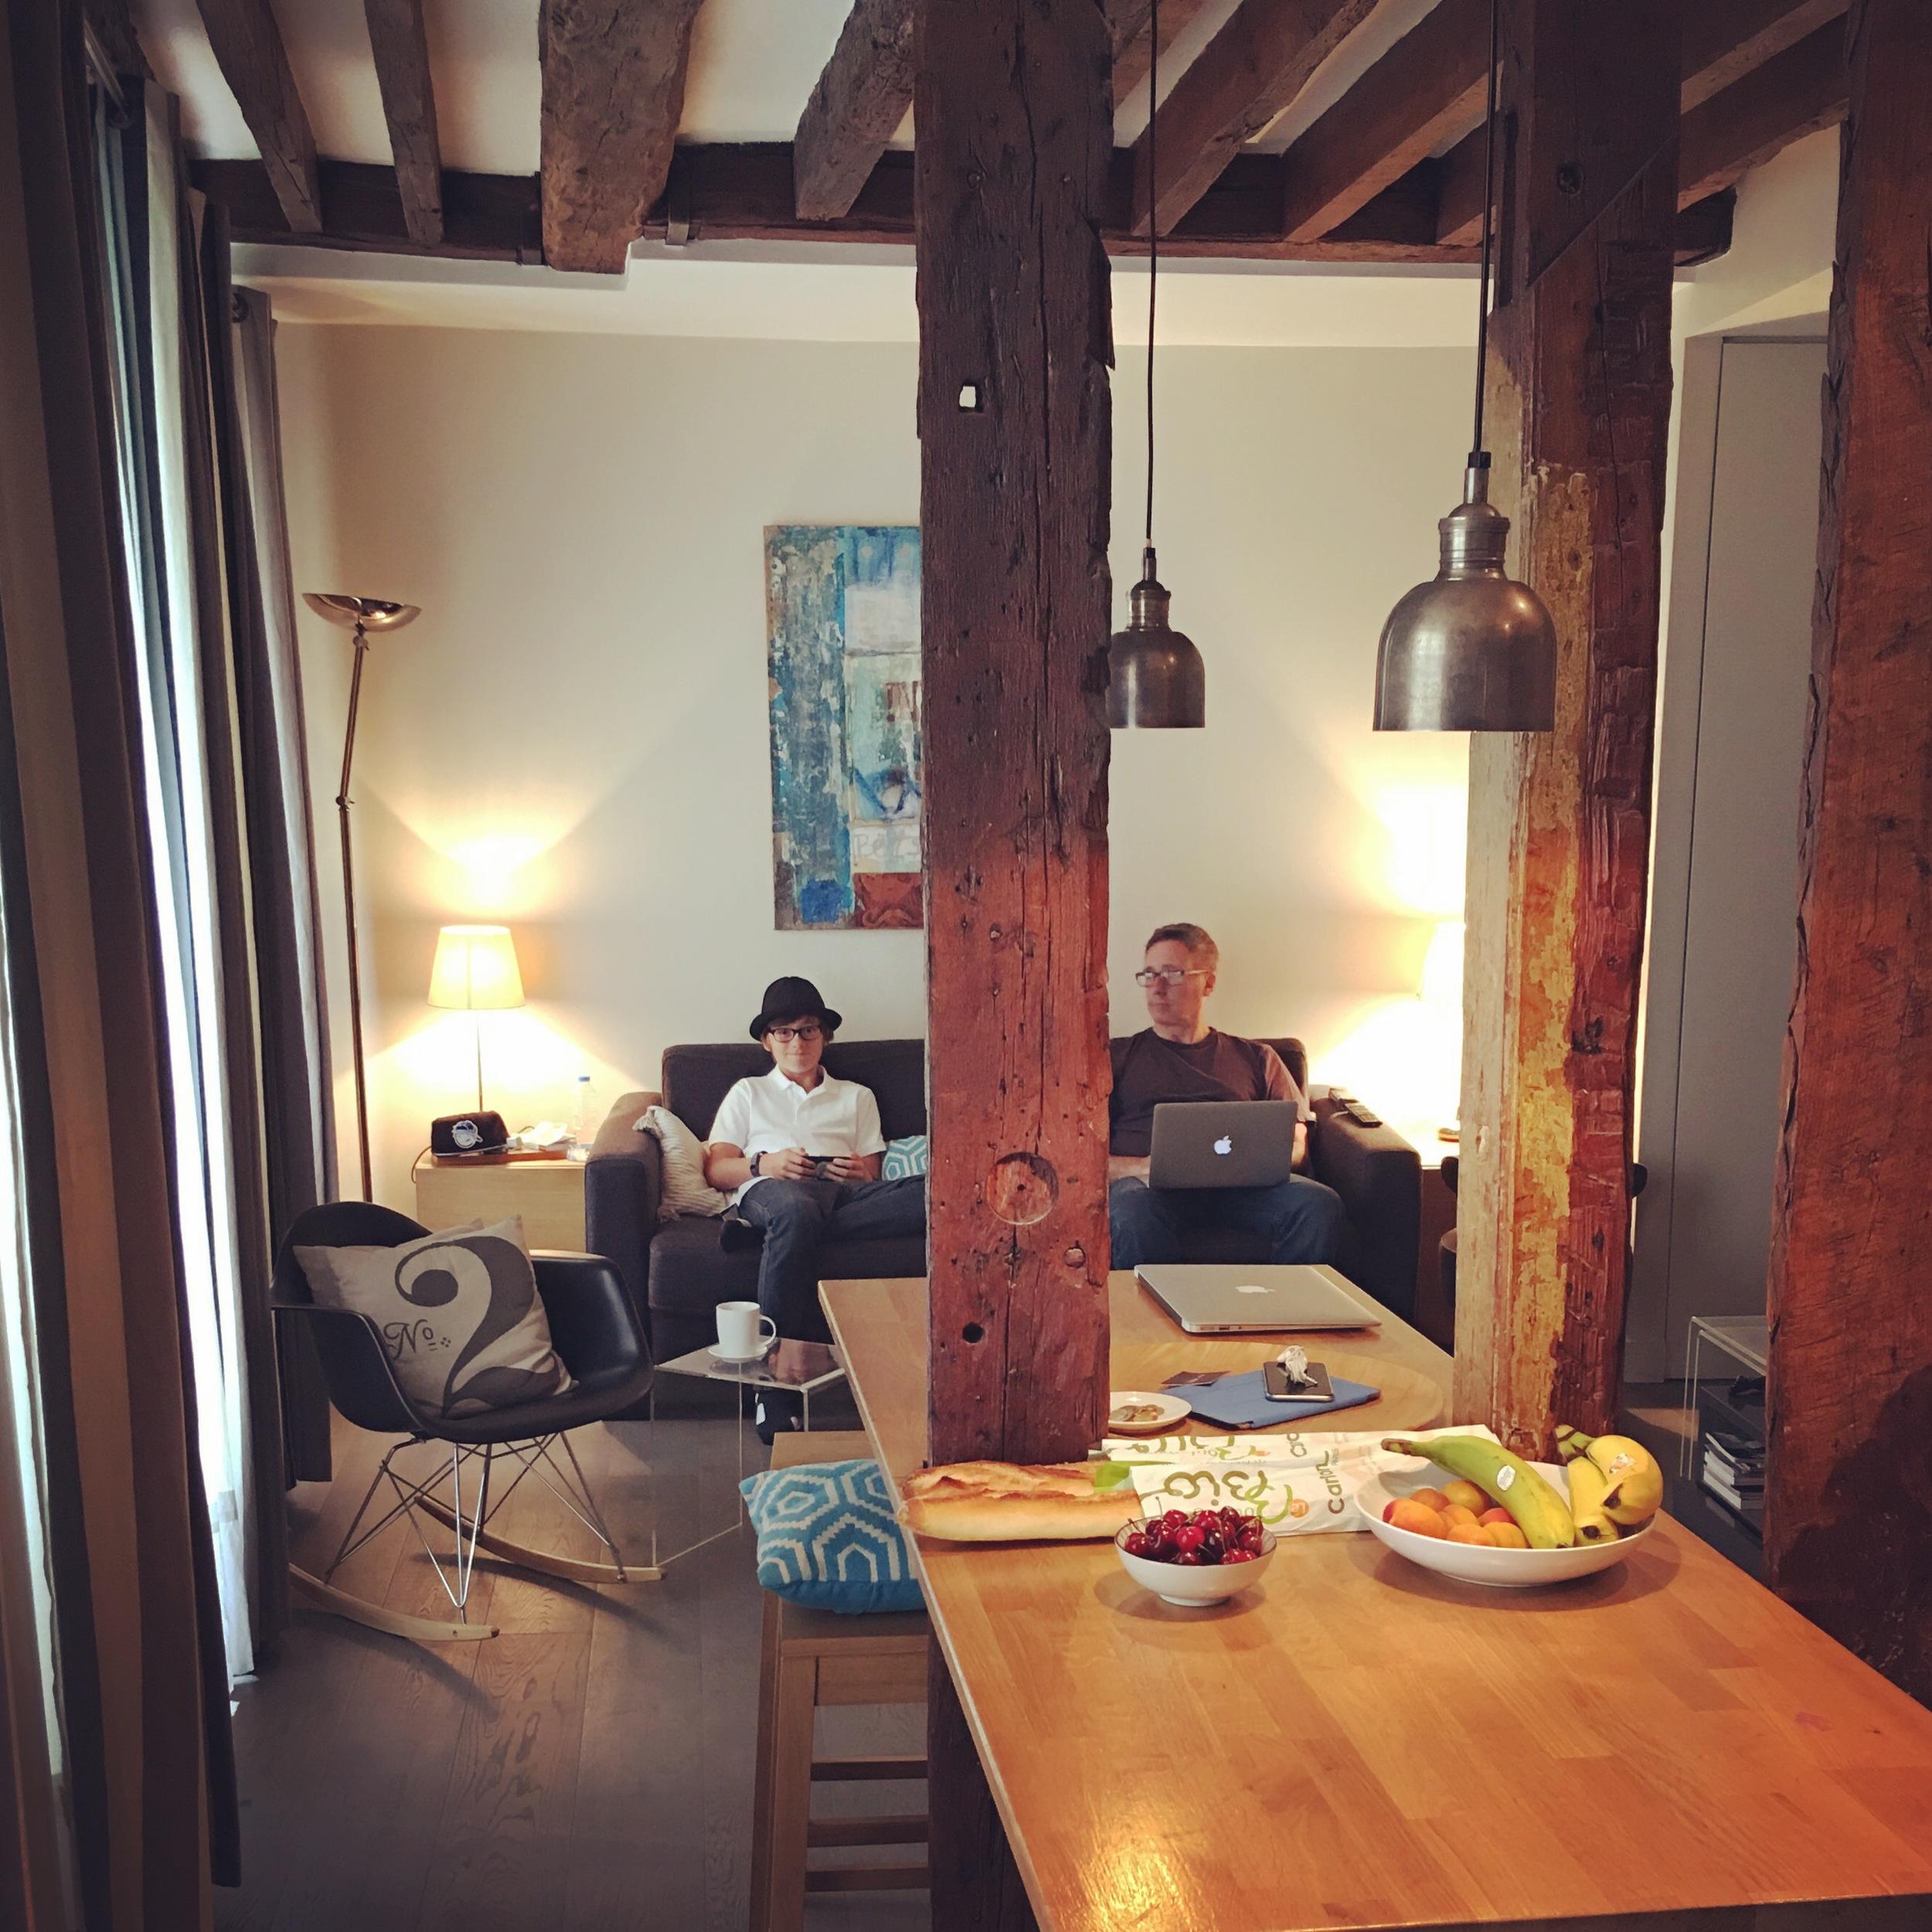 Our little Paris apartment